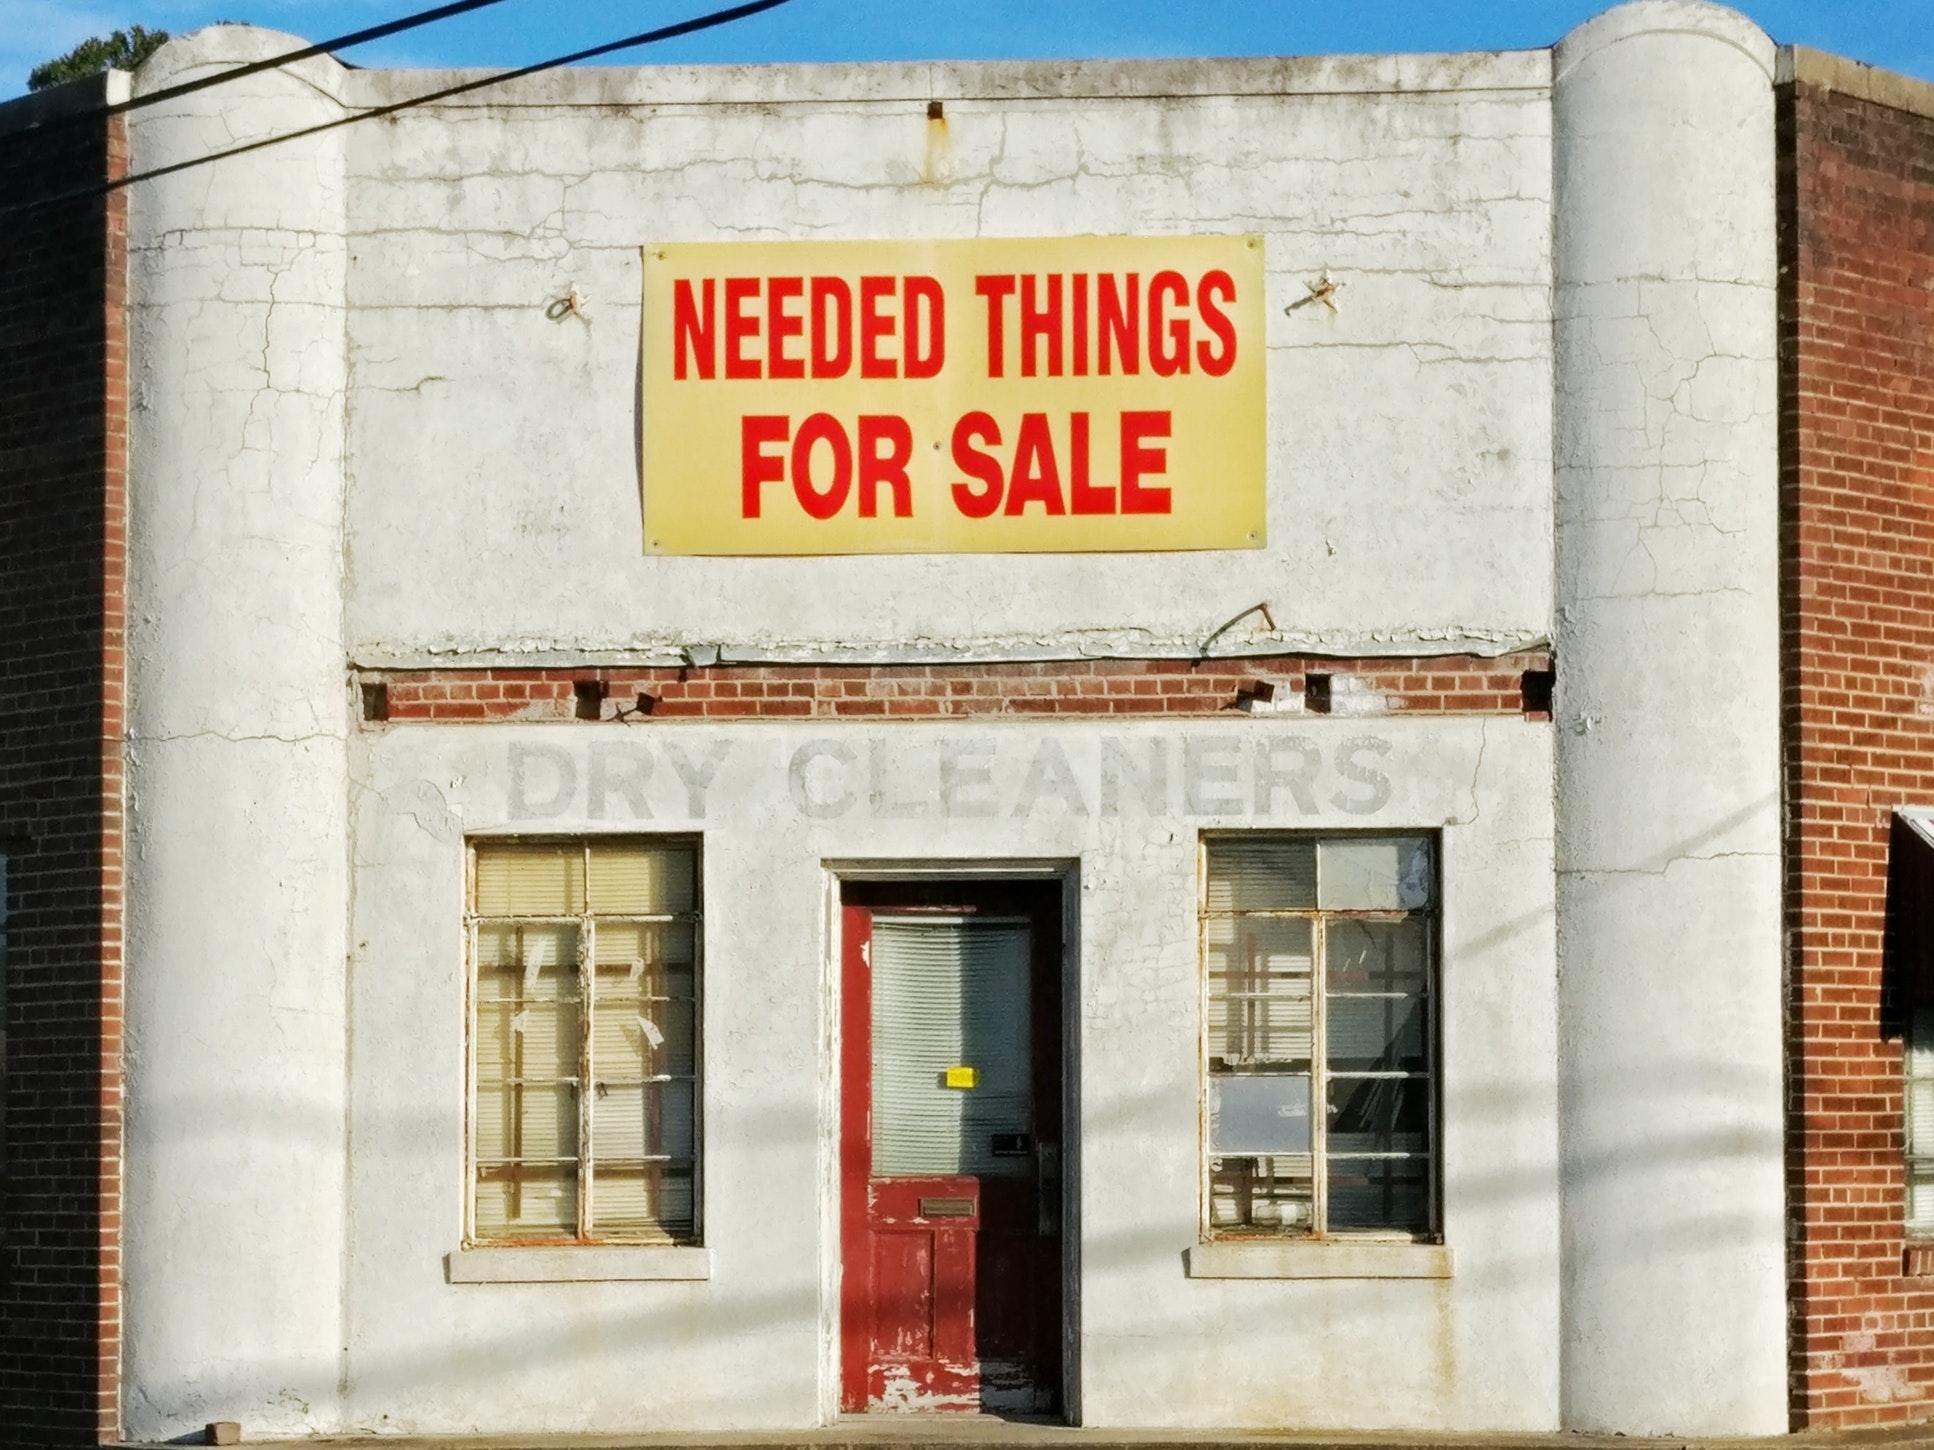 قبل از اینکه راهحل را بفروشیم، مشکل را بفروشیم